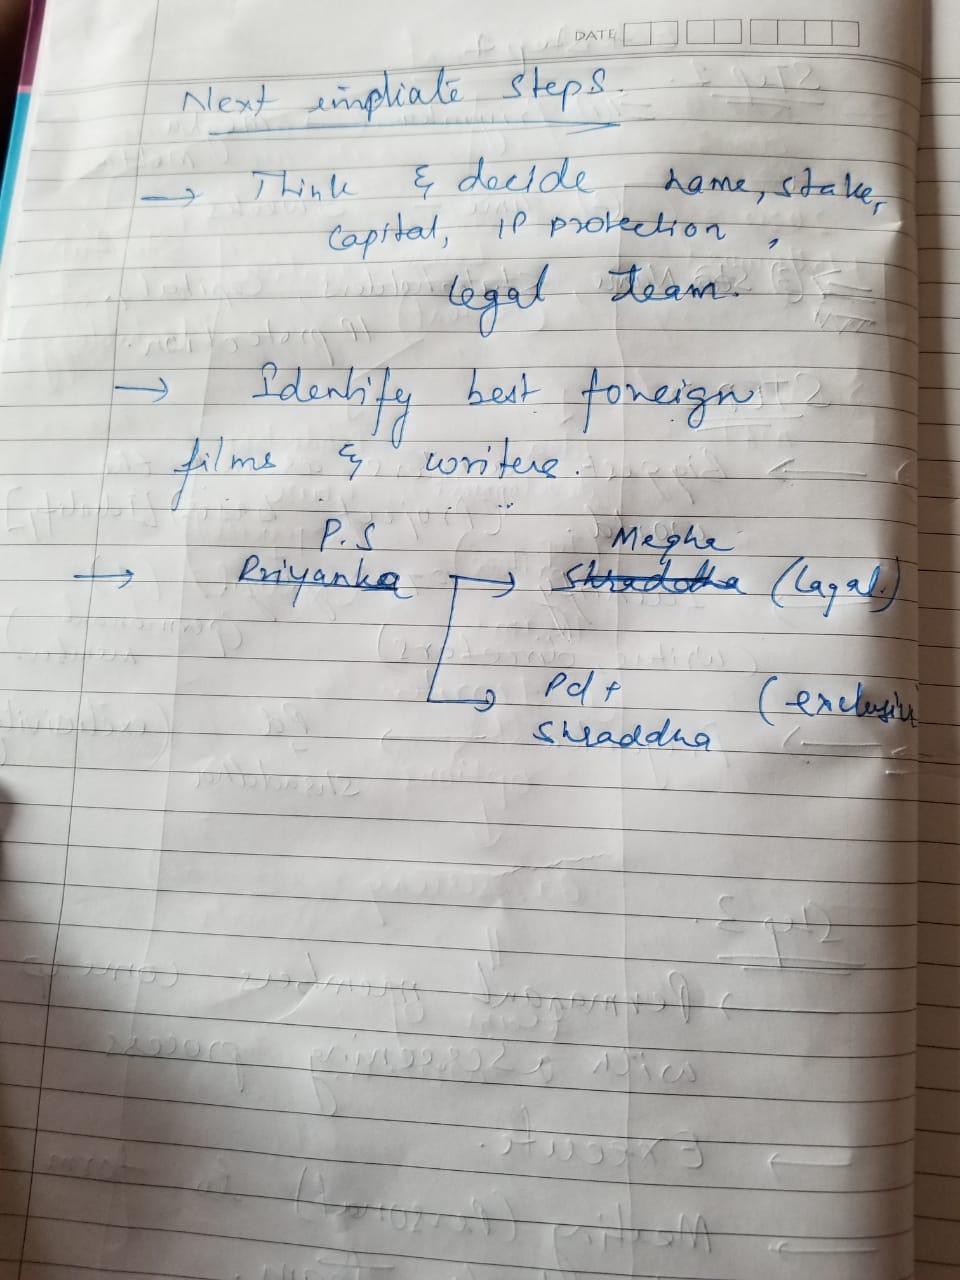 4. डायरीच्या या पानात सुशांतने Next Initiate Steps विषयी लिहिले होते. यात त्याने बहीण प्रियांकाच्या नावासह मेघा (लीगल) आणि पीडी+श्रद्धा (एक्सक्लूझिव्ह) असा उल्लेख केला आहे.